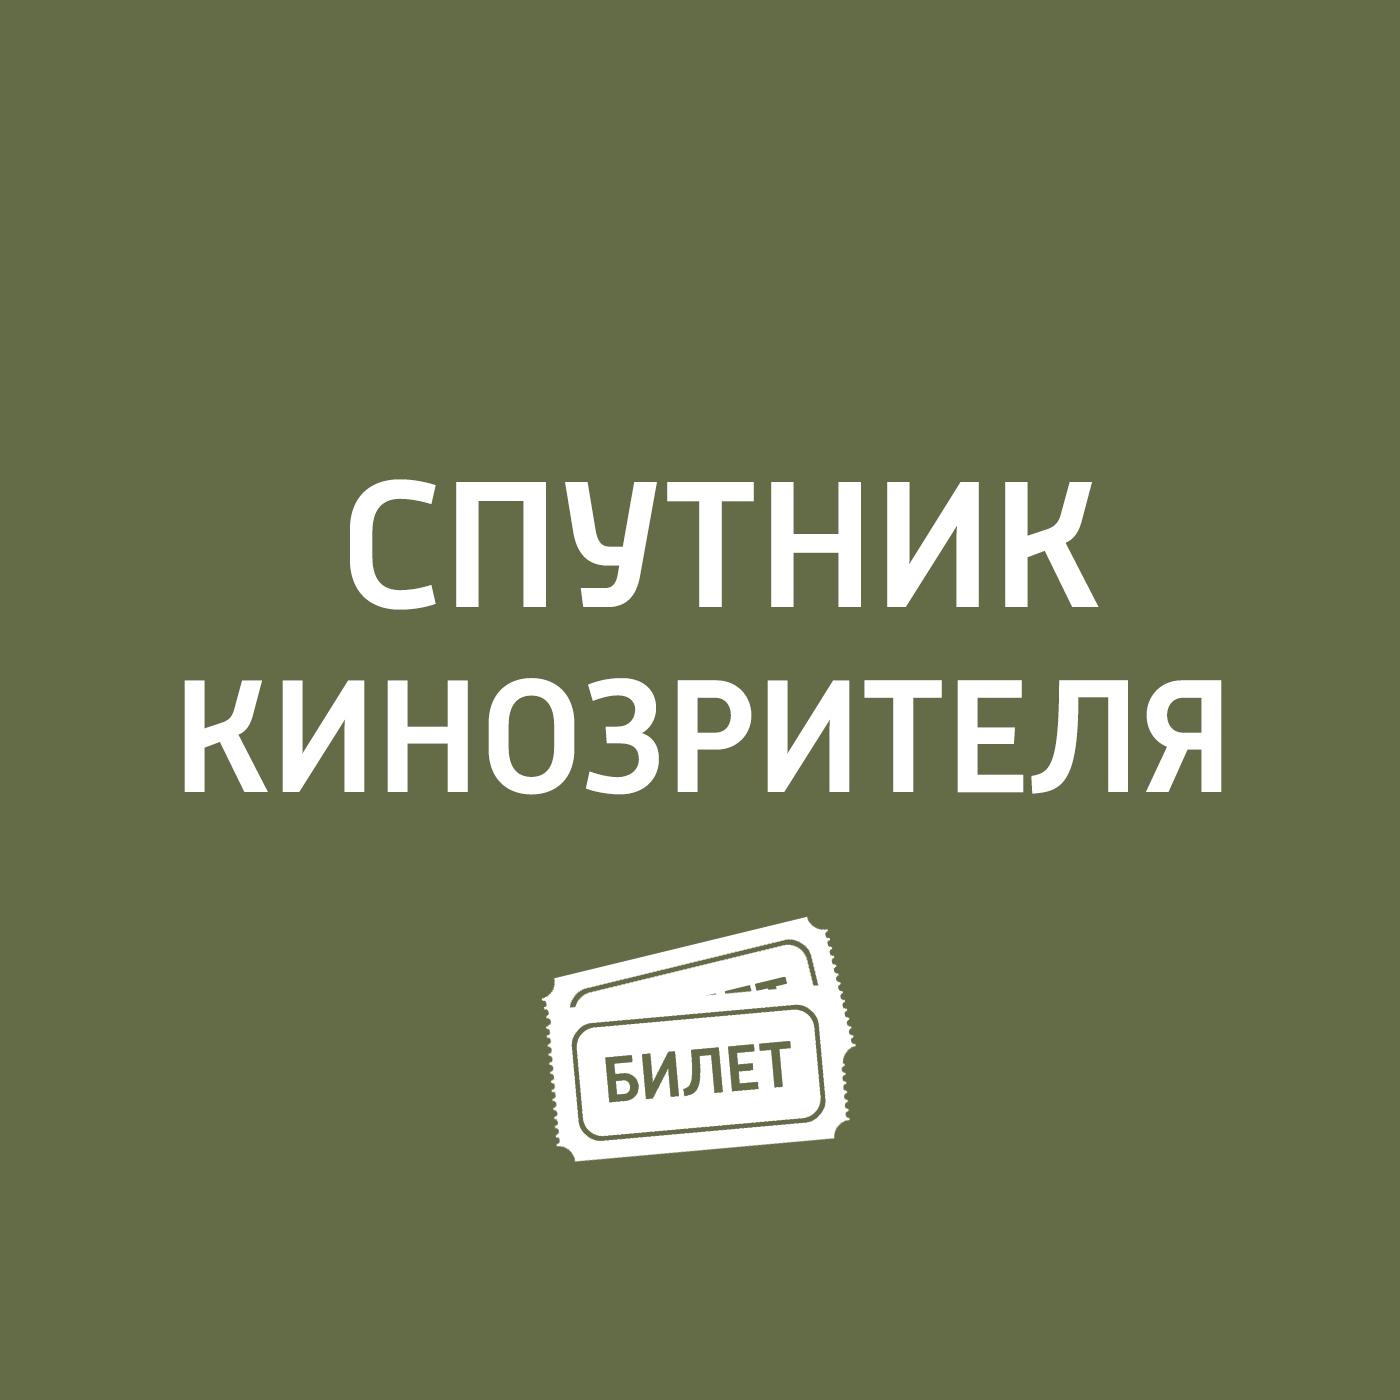 Антон Долин Фильмы Московского кинофестиваля. «КЕ-ДЫ